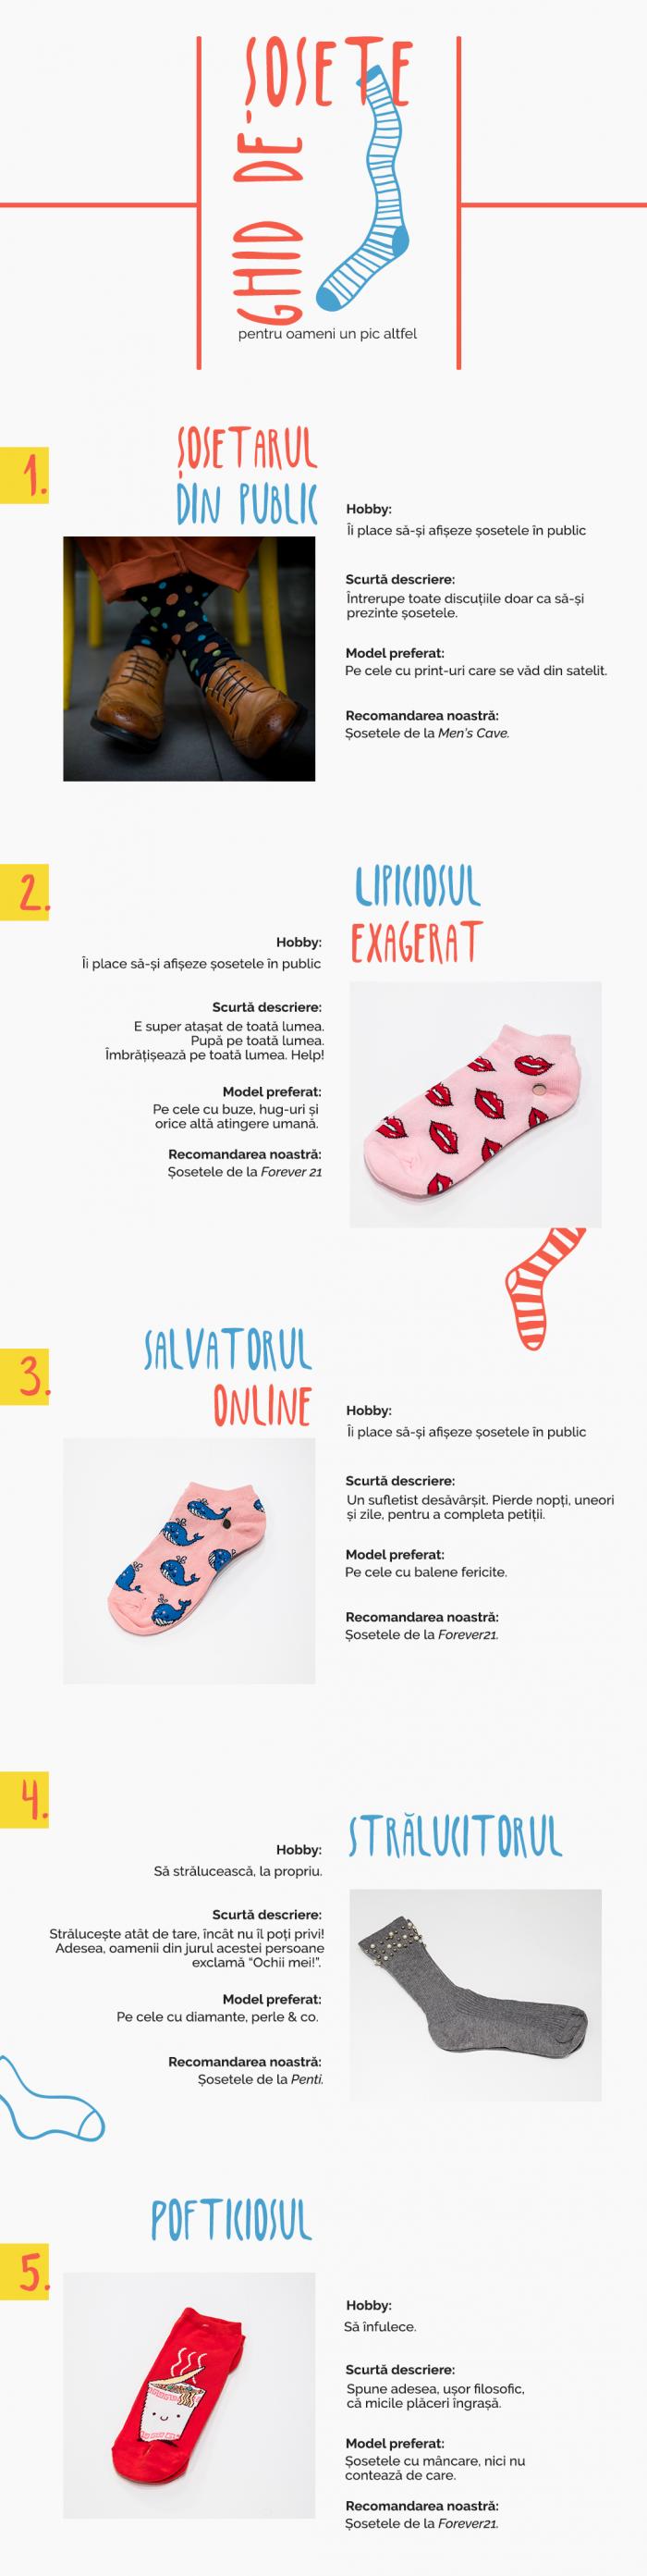 sosete_infographic